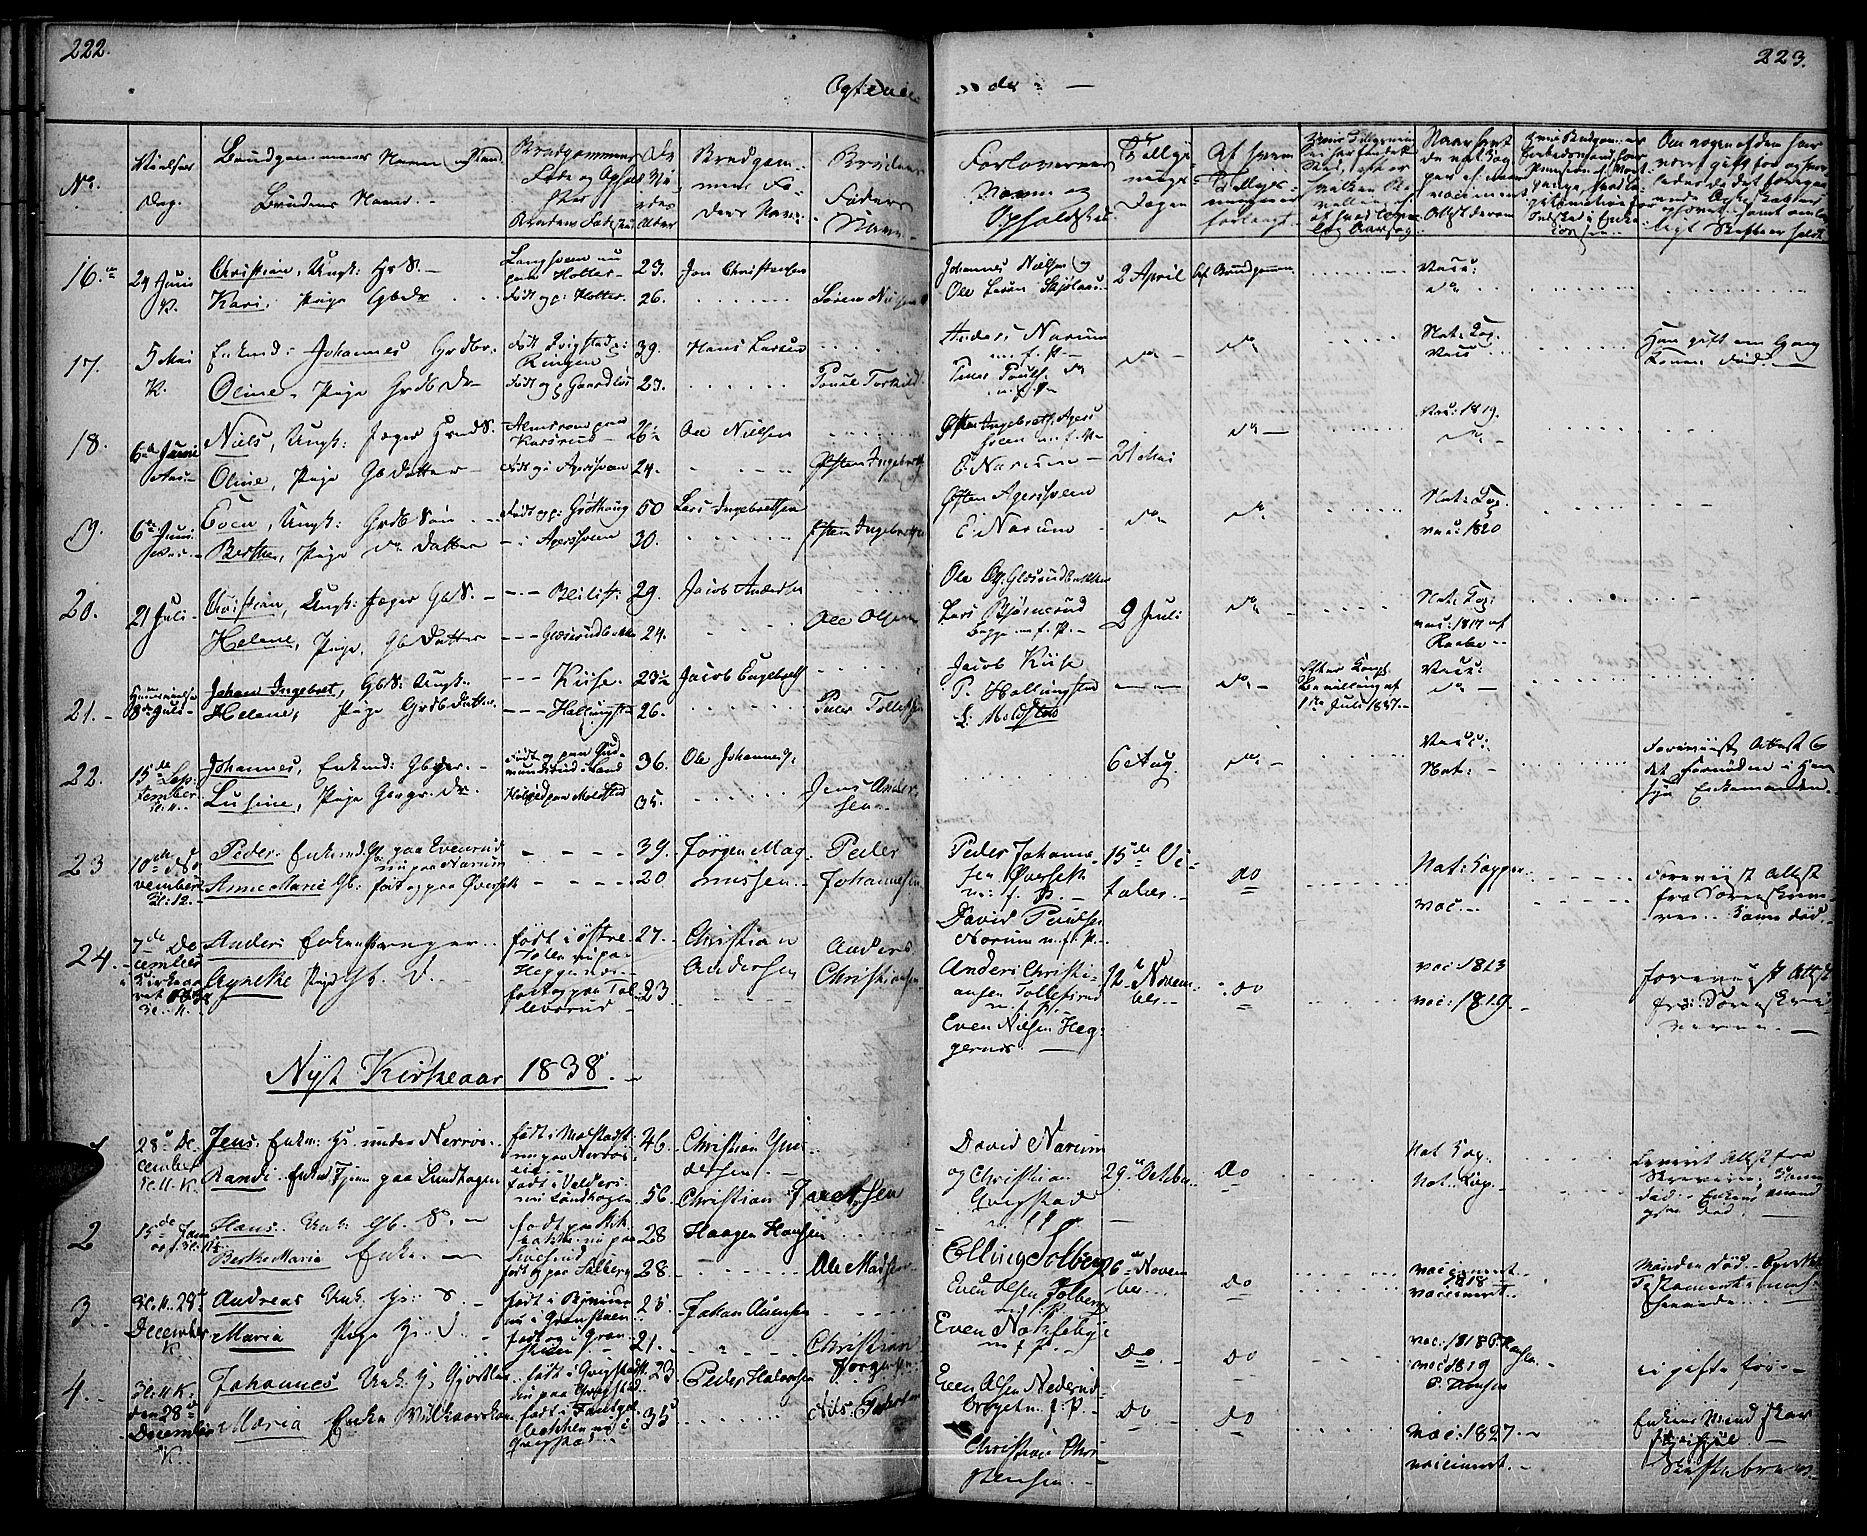 SAH, Vestre Toten prestekontor, Ministerialbok nr. 3, 1836-1843, s. 222-223